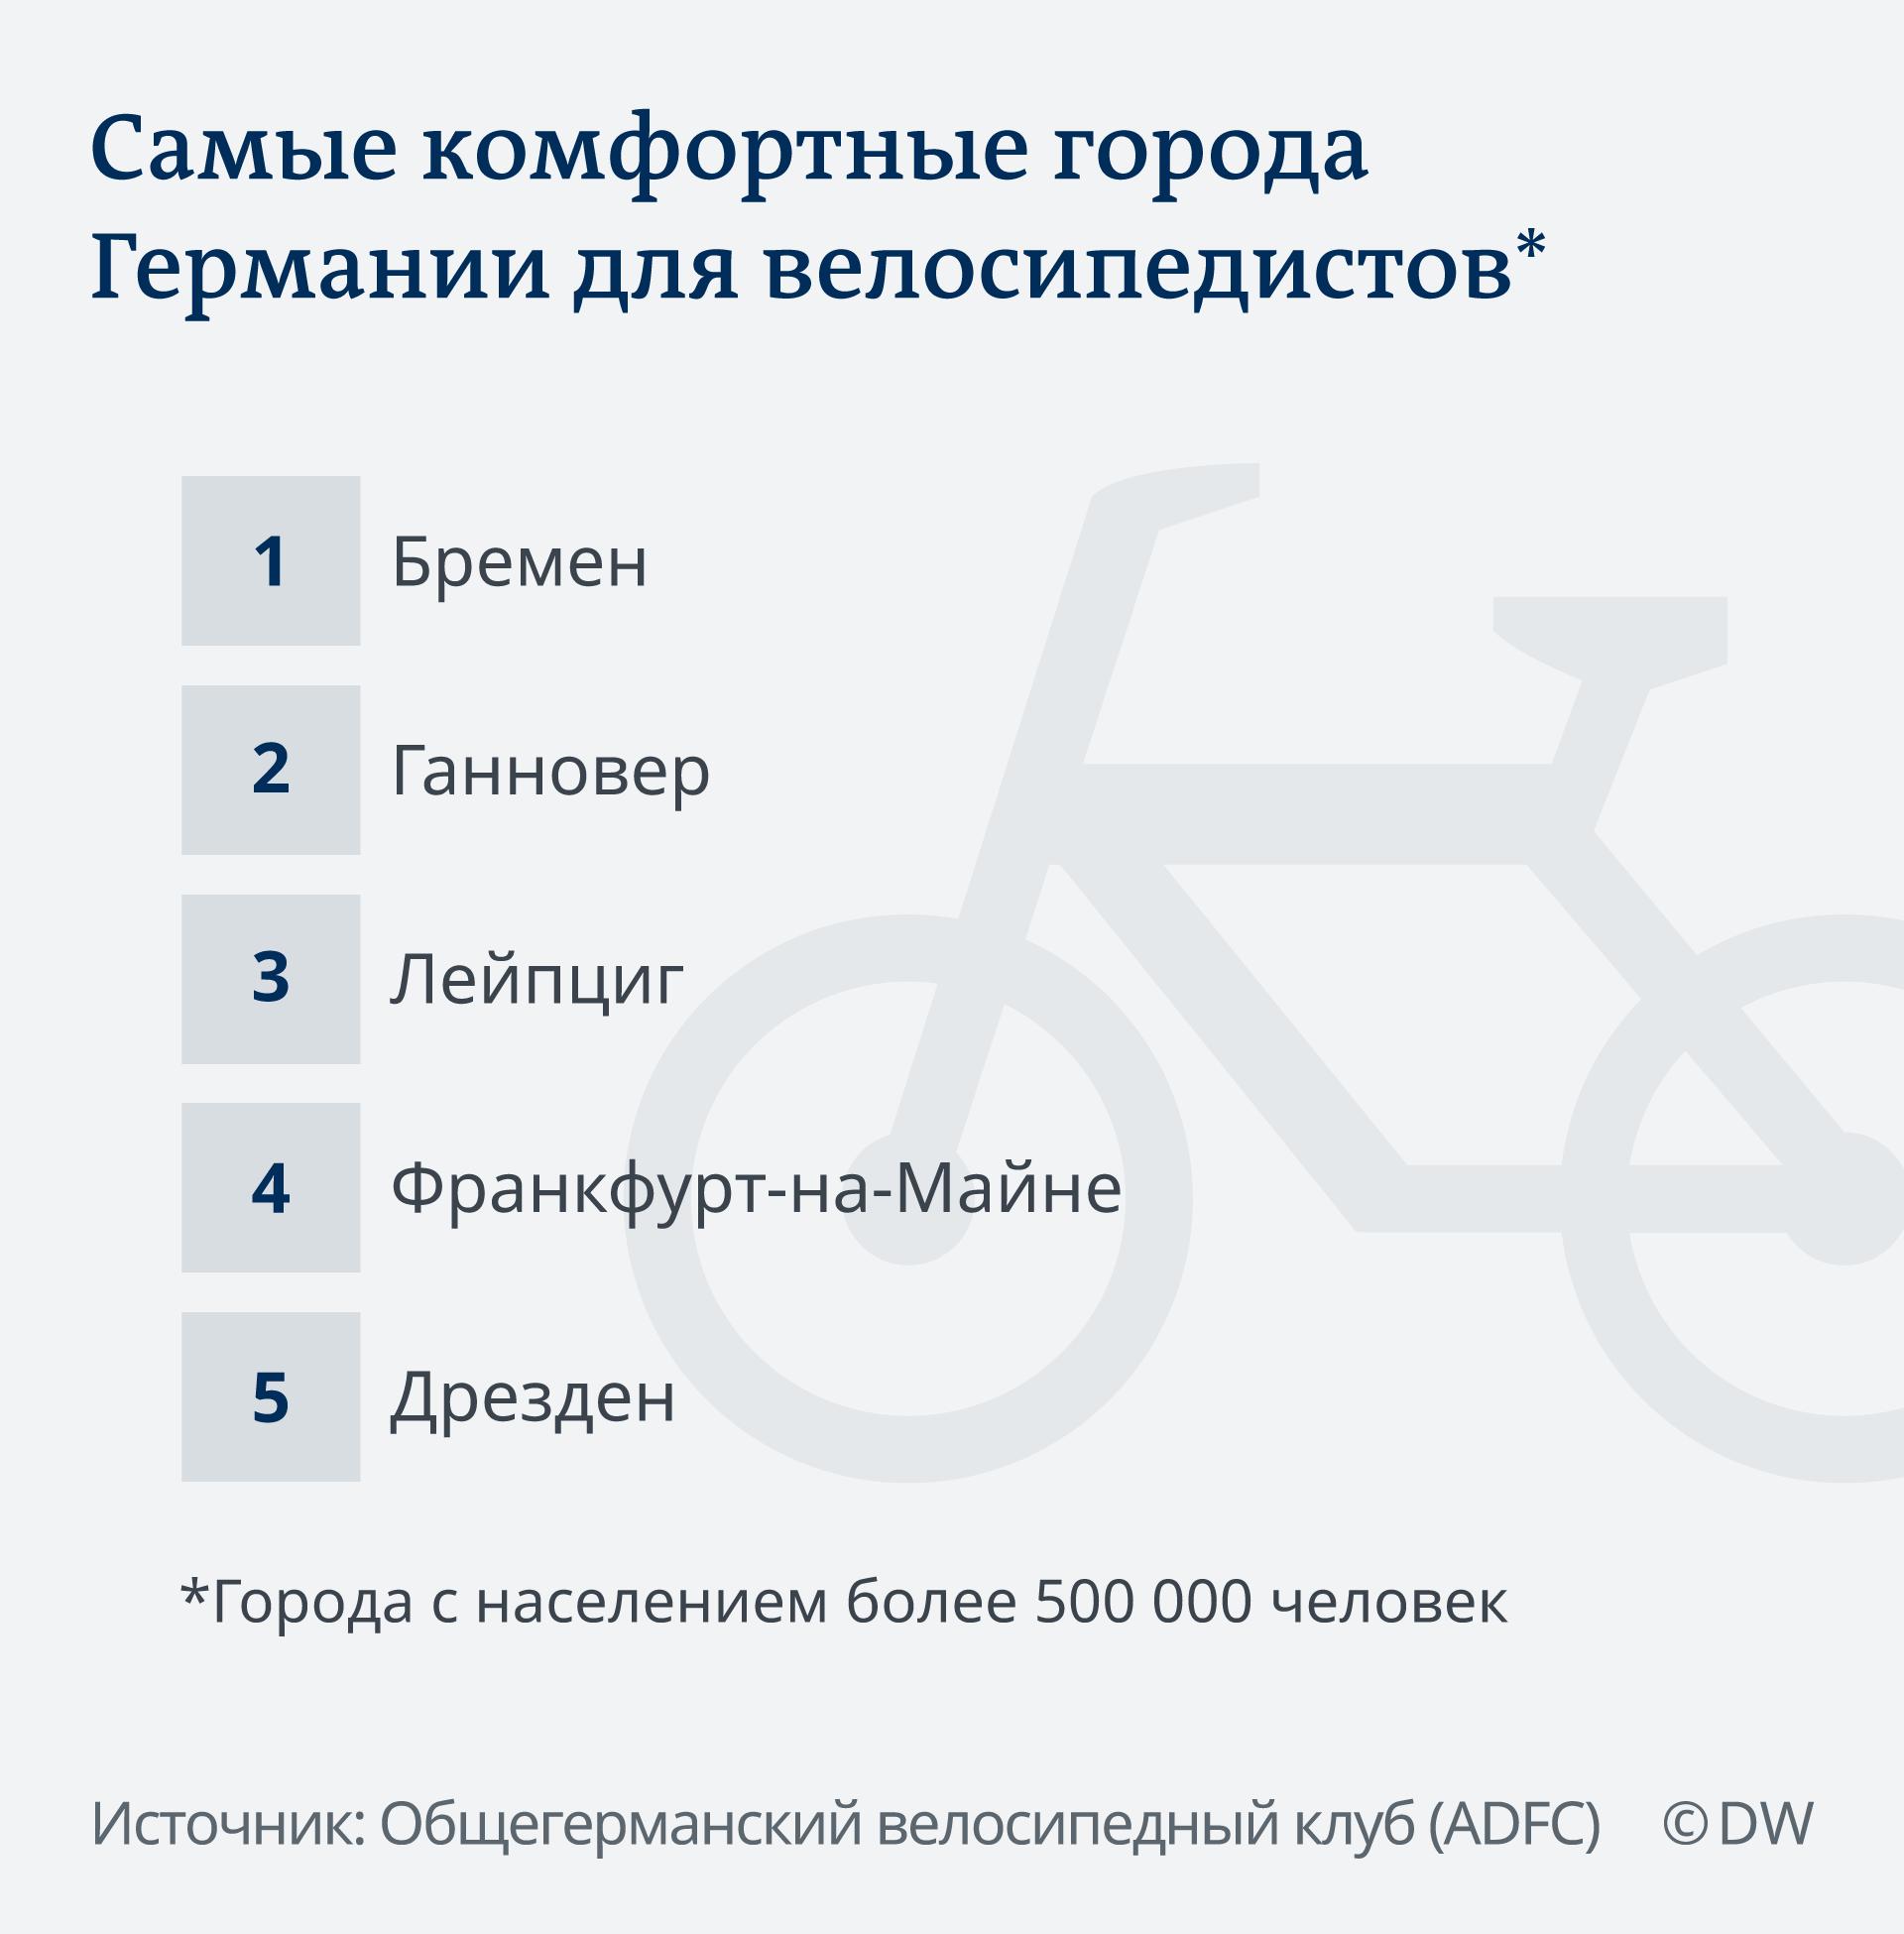 Инфографика: Самые комфортные города Германии для велосипедистов